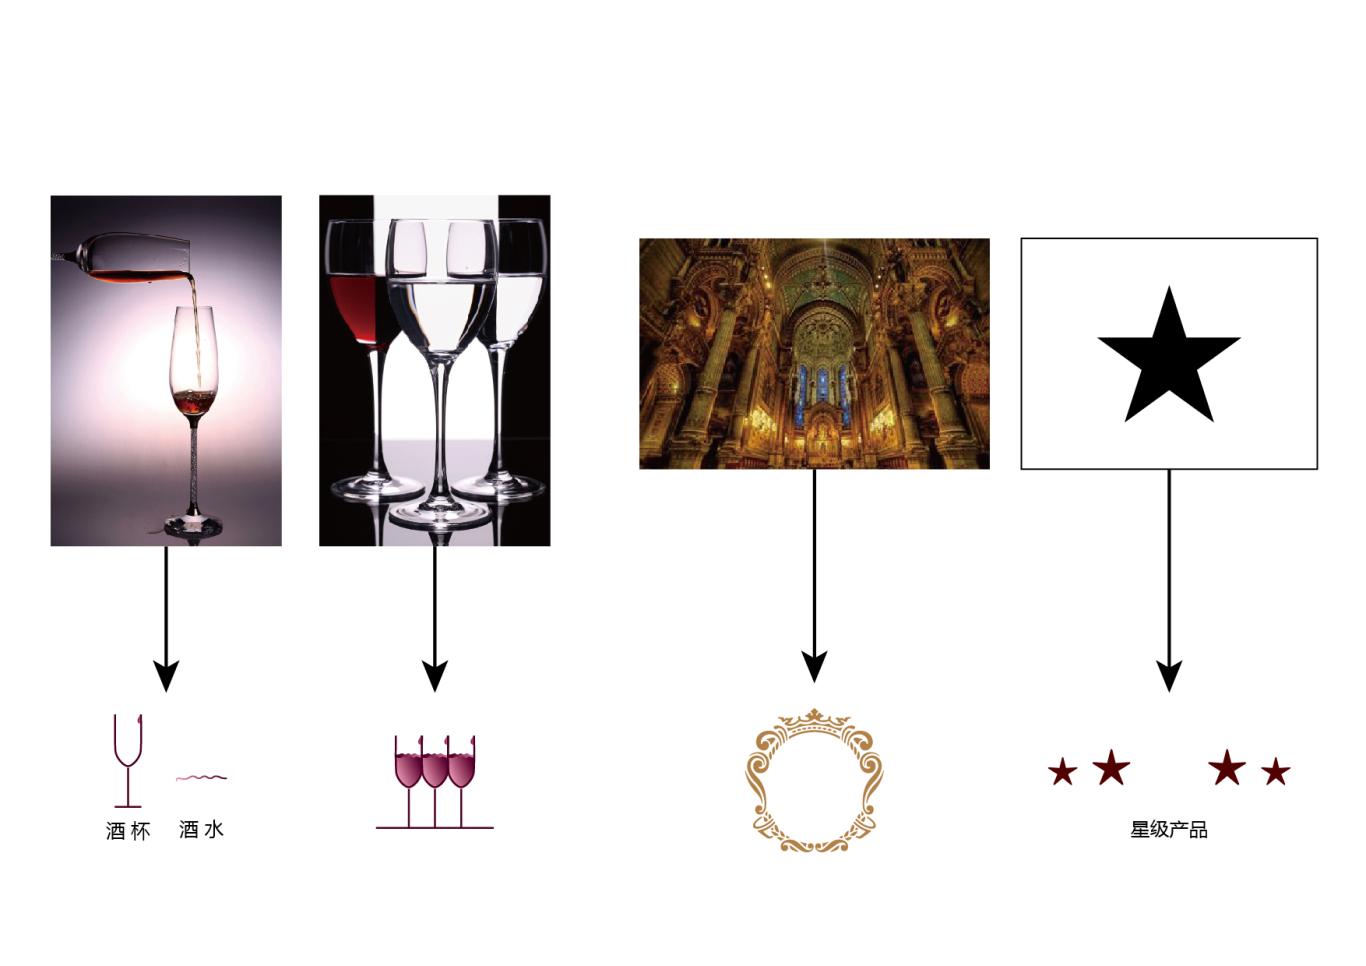 道酒林酒业品牌设计图0